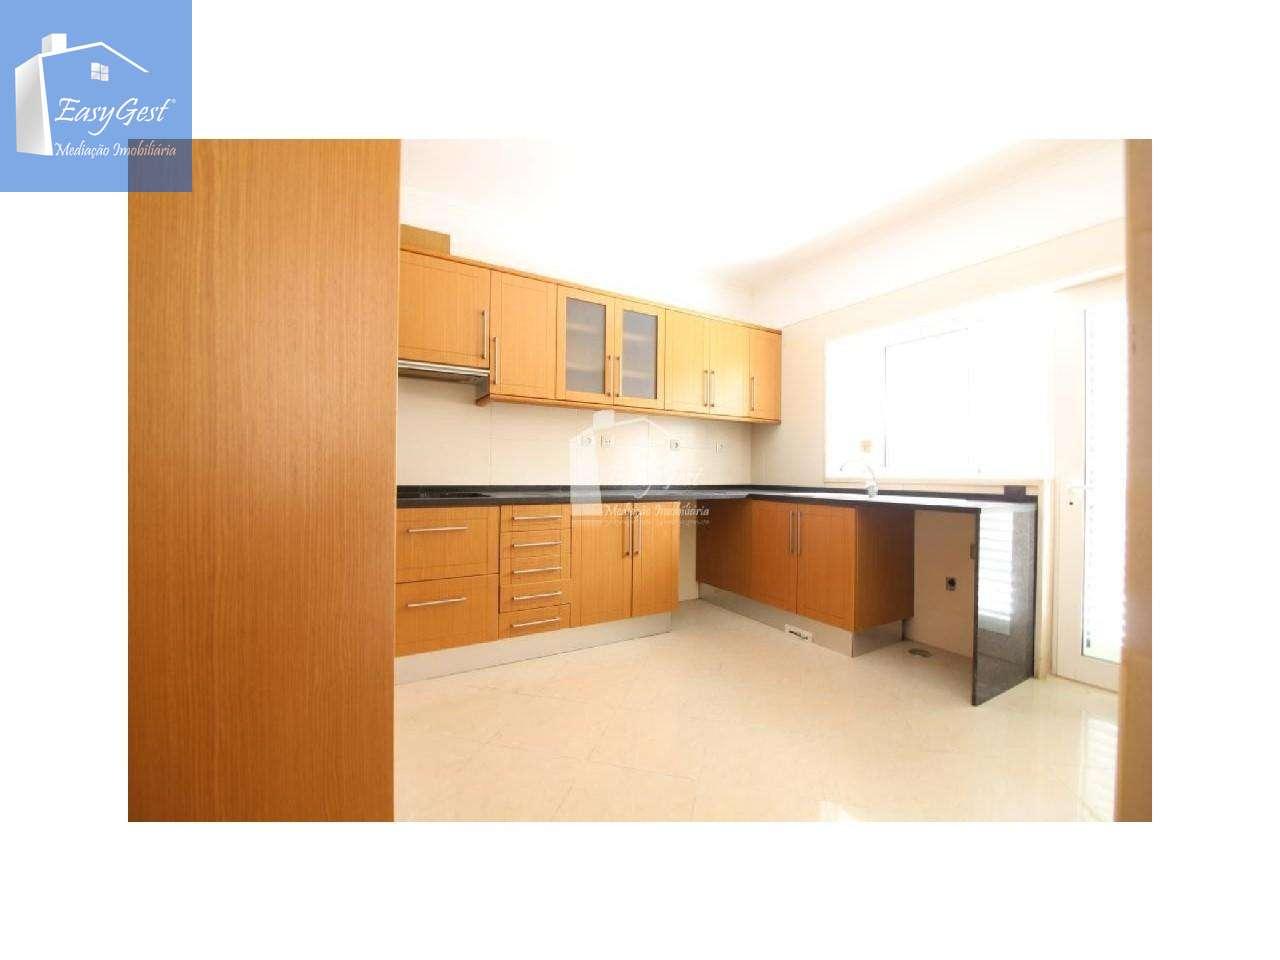 Apartamento para comprar, Fernão Ferro, Setúbal - Foto 3